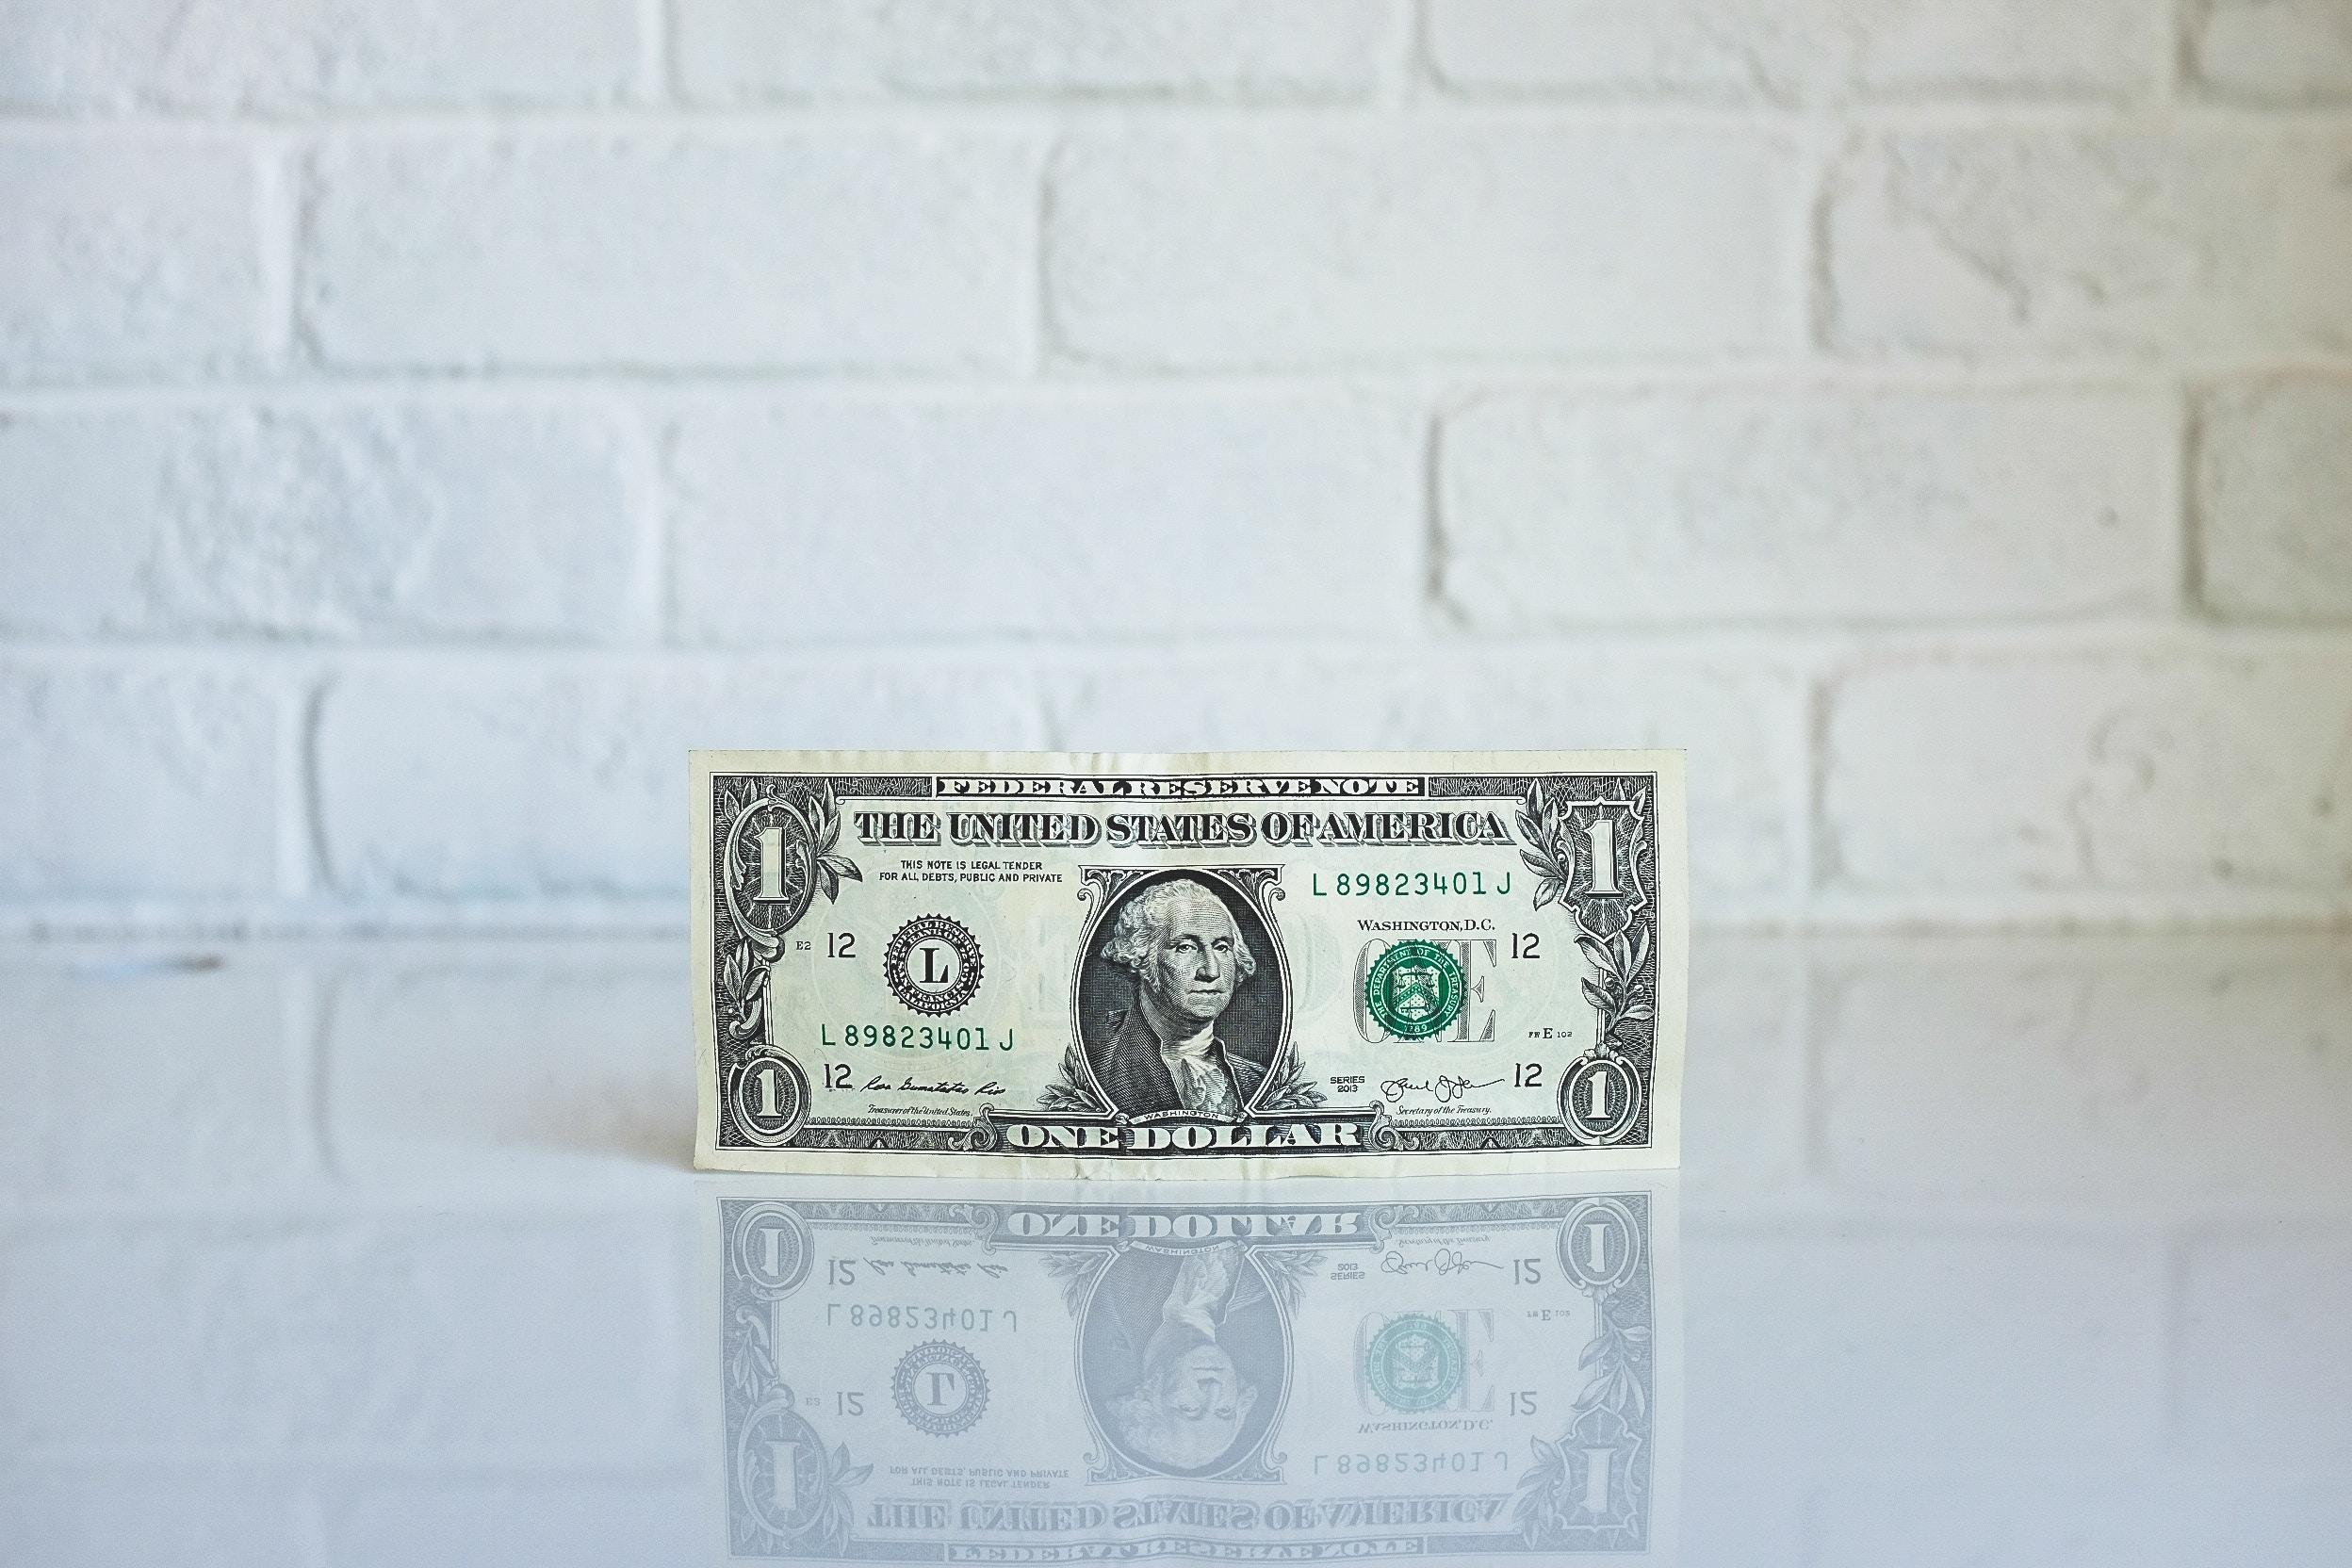 Bilde av en dollarseddel inntil en vegg. Bilde er tatt av NeONBRAND og ligger på nettsiden Unsplash.